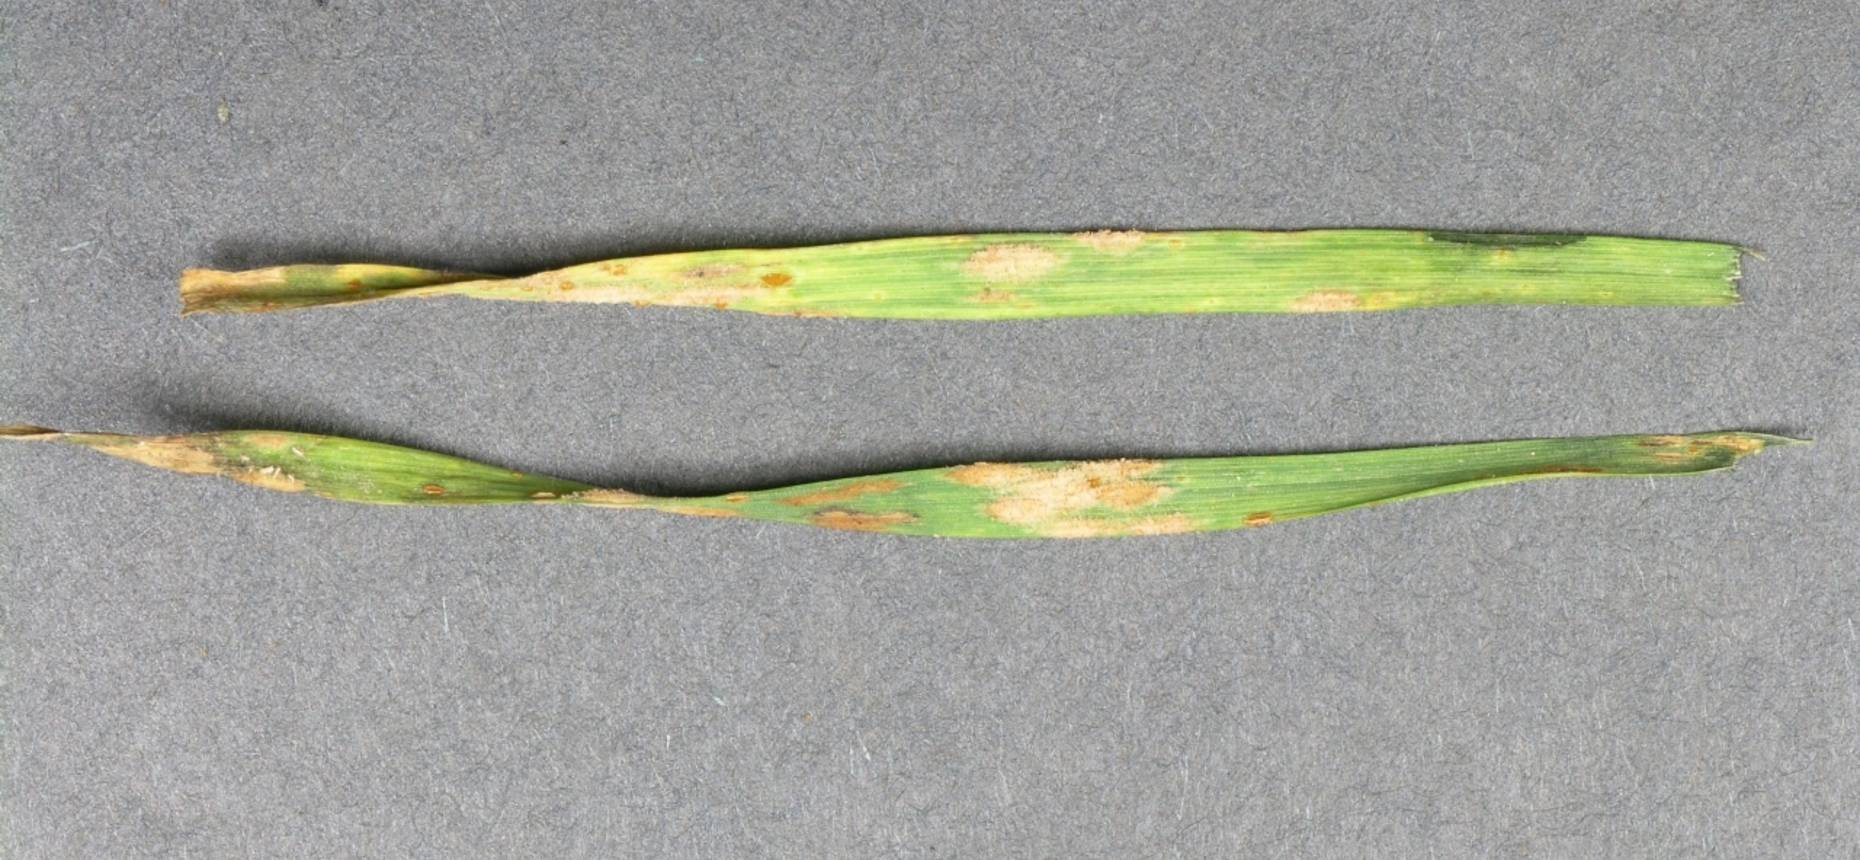 Бурая листовая ржавчина ржи - Puccinia dispersa Erikss. et Henning (=Puccinia recondita Rob.ex Desm. f. sp. secalis)